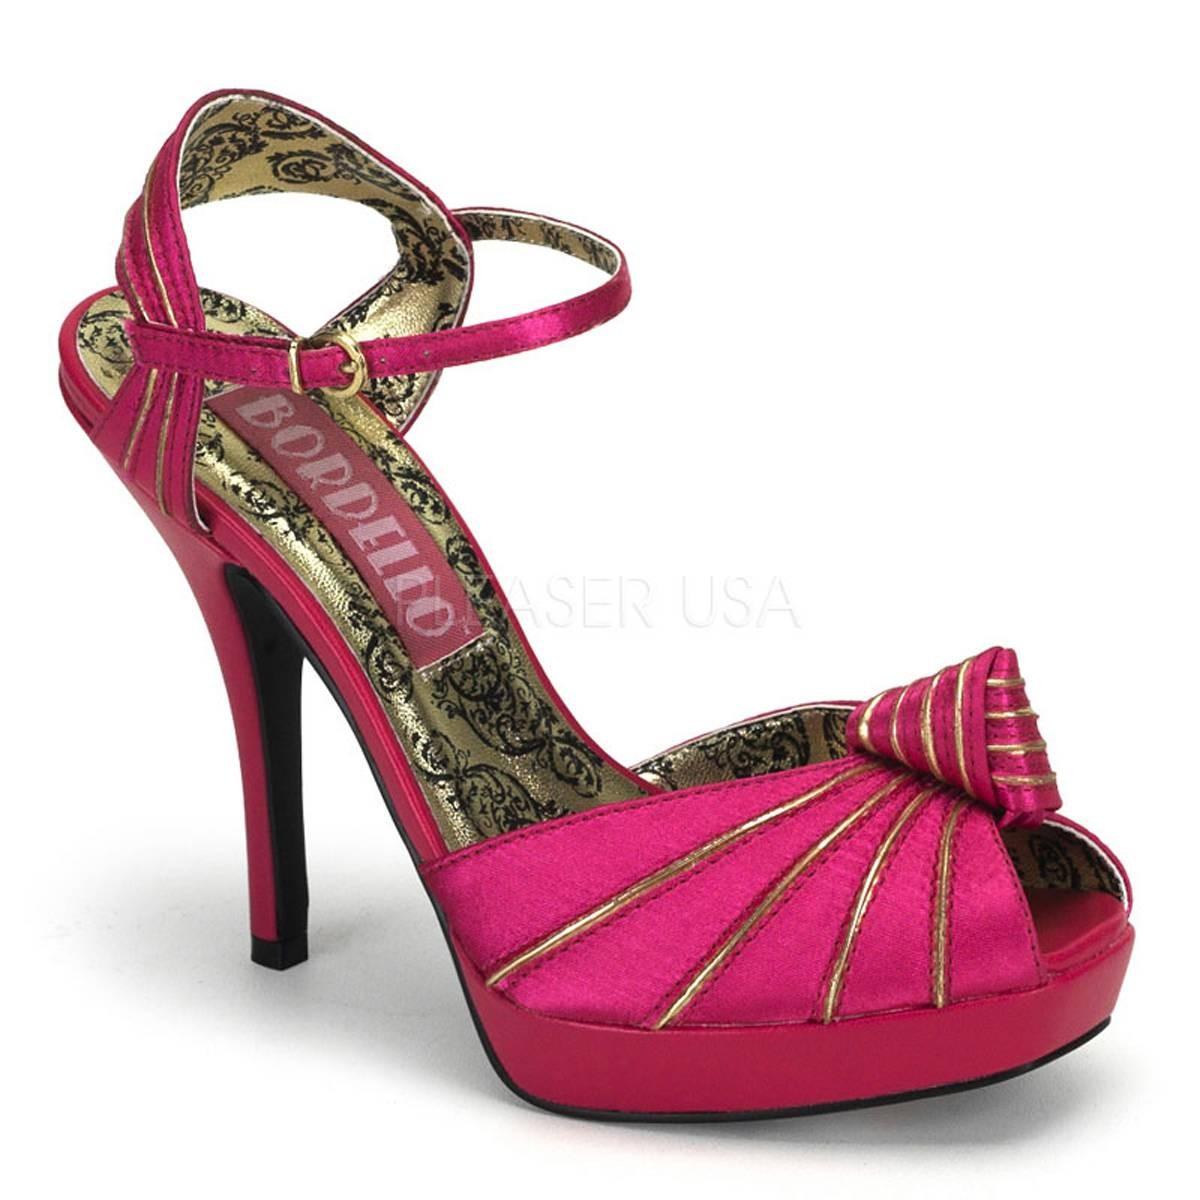 Highheels für Frauen - PREEN 16 ° Damen Peep Toe Sandalette ° Pink Gold Satin ° Bordello  - Onlineshop RedSixty